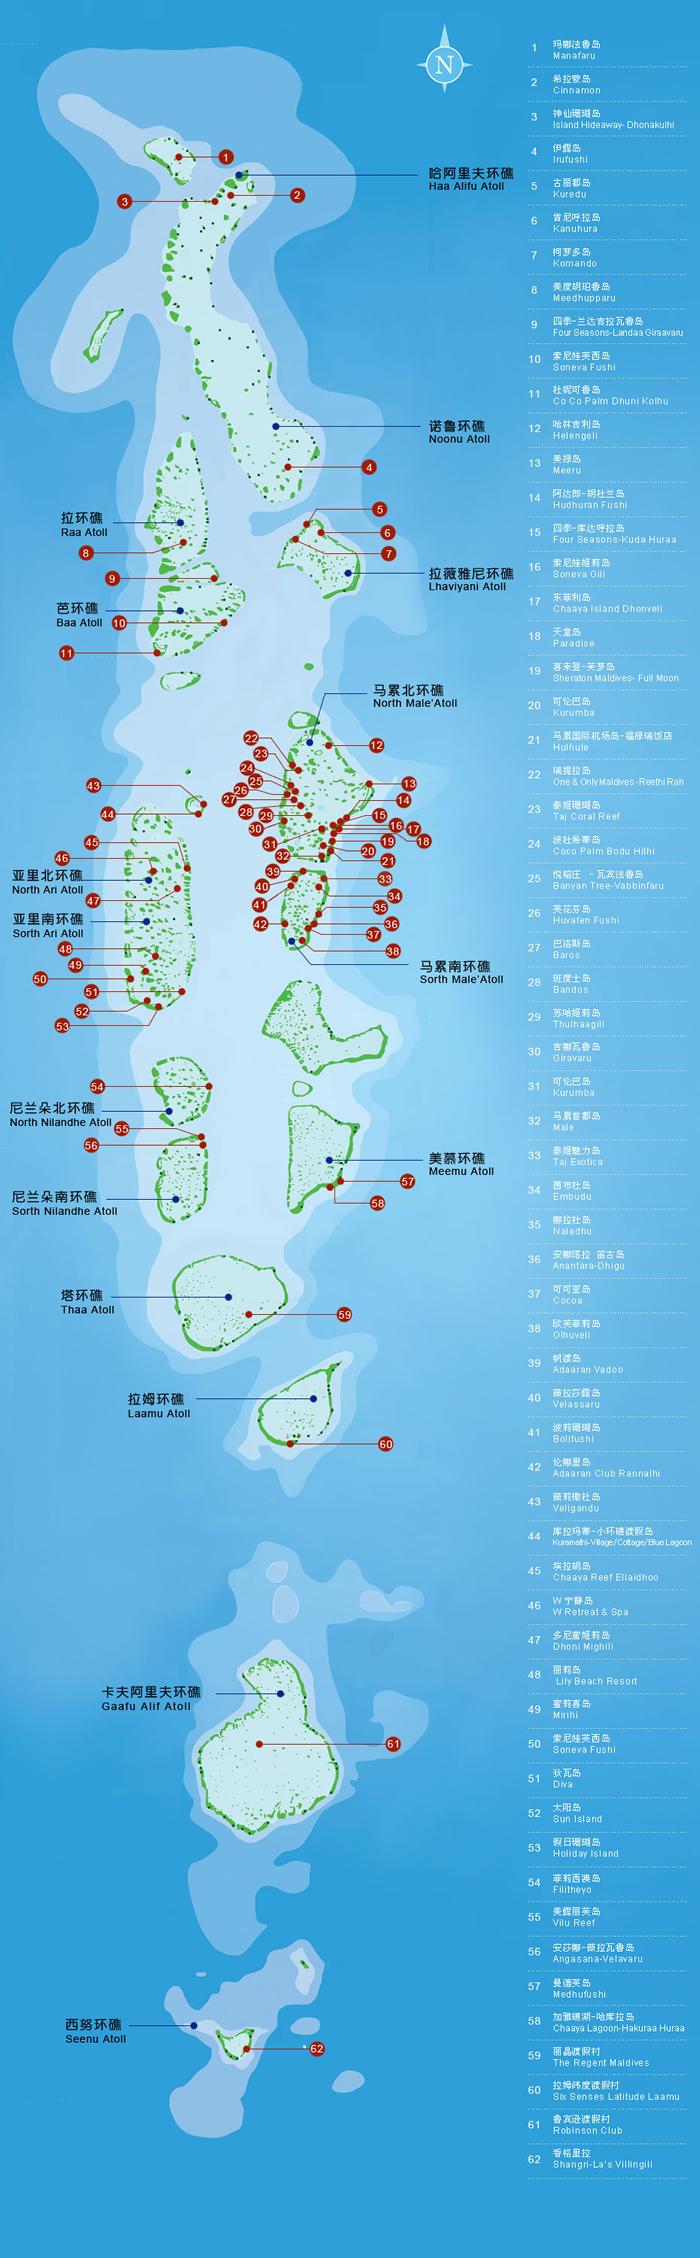 马尔代夫岛屿分布图